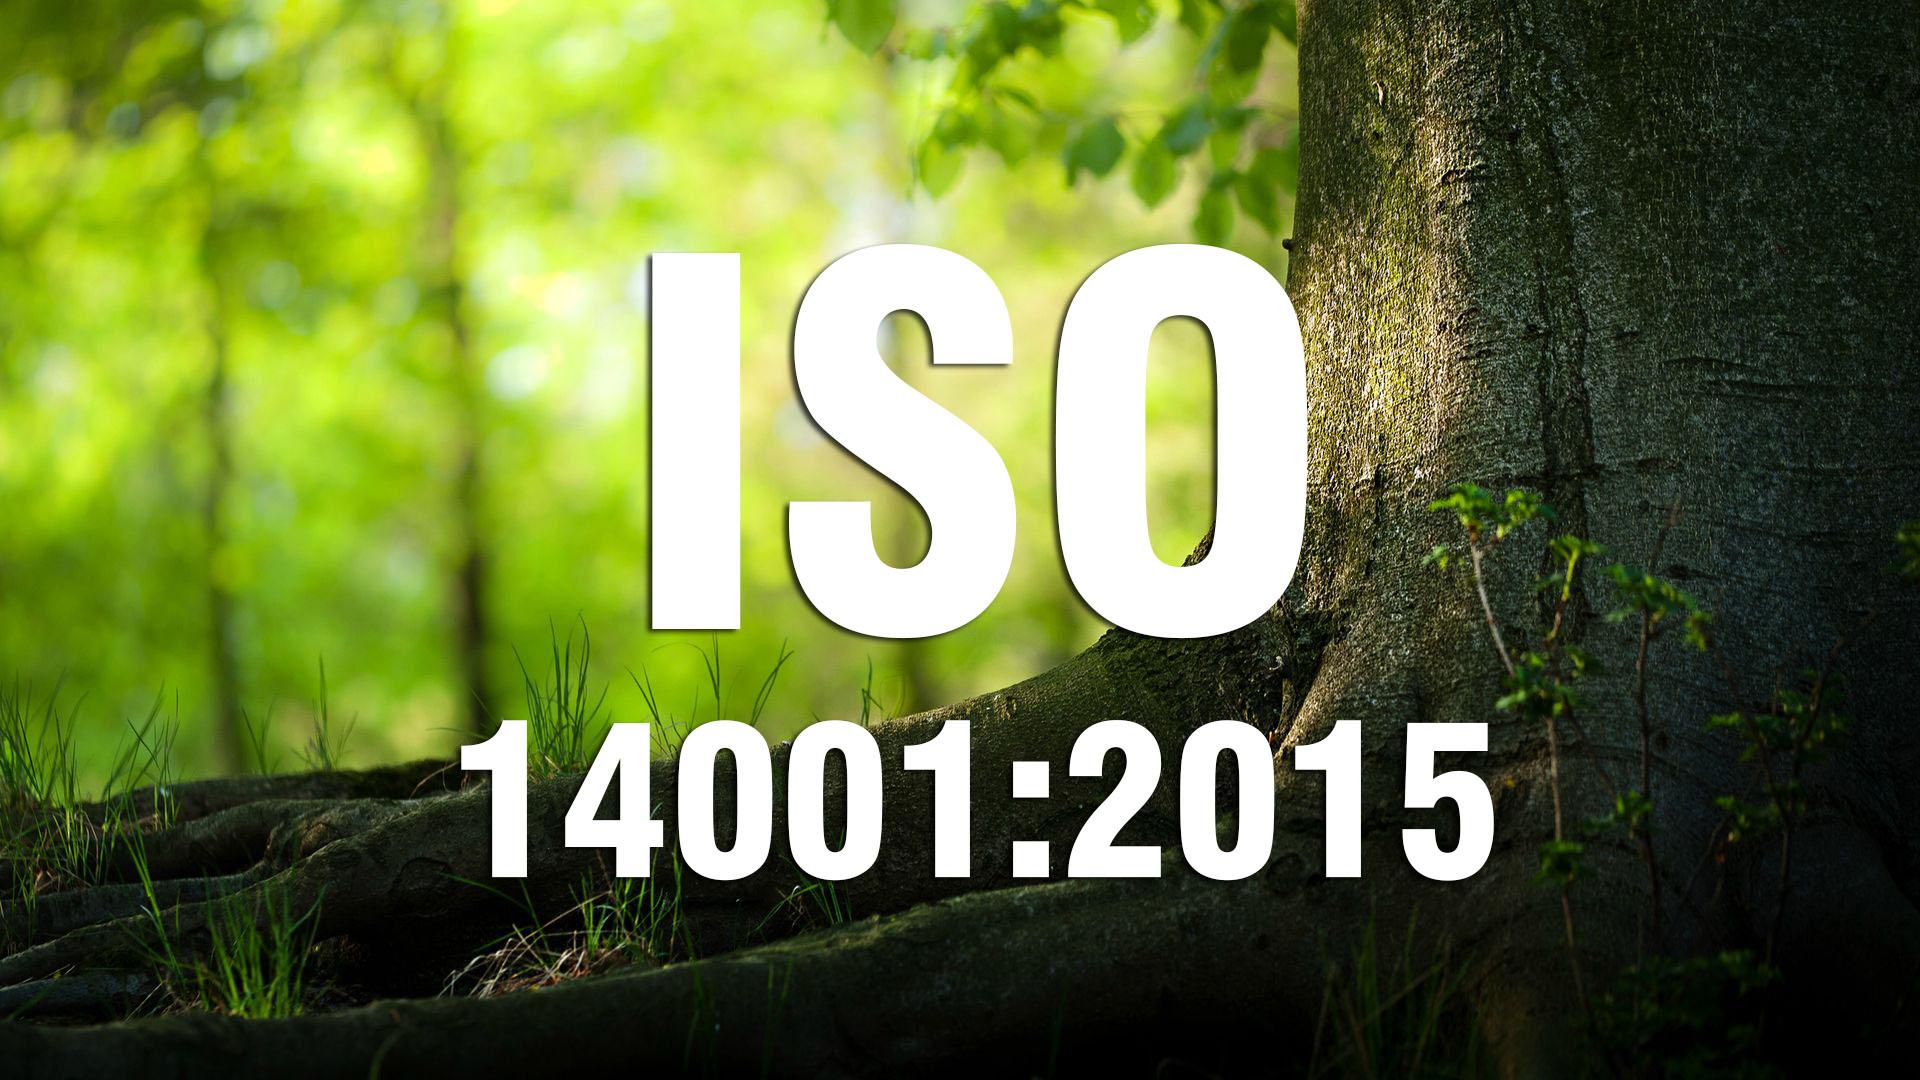 NHẬN THỨC QUẢN LÝ MÔI TRƯỜNG THEO ISO 14001:2015 (Cấp 1)